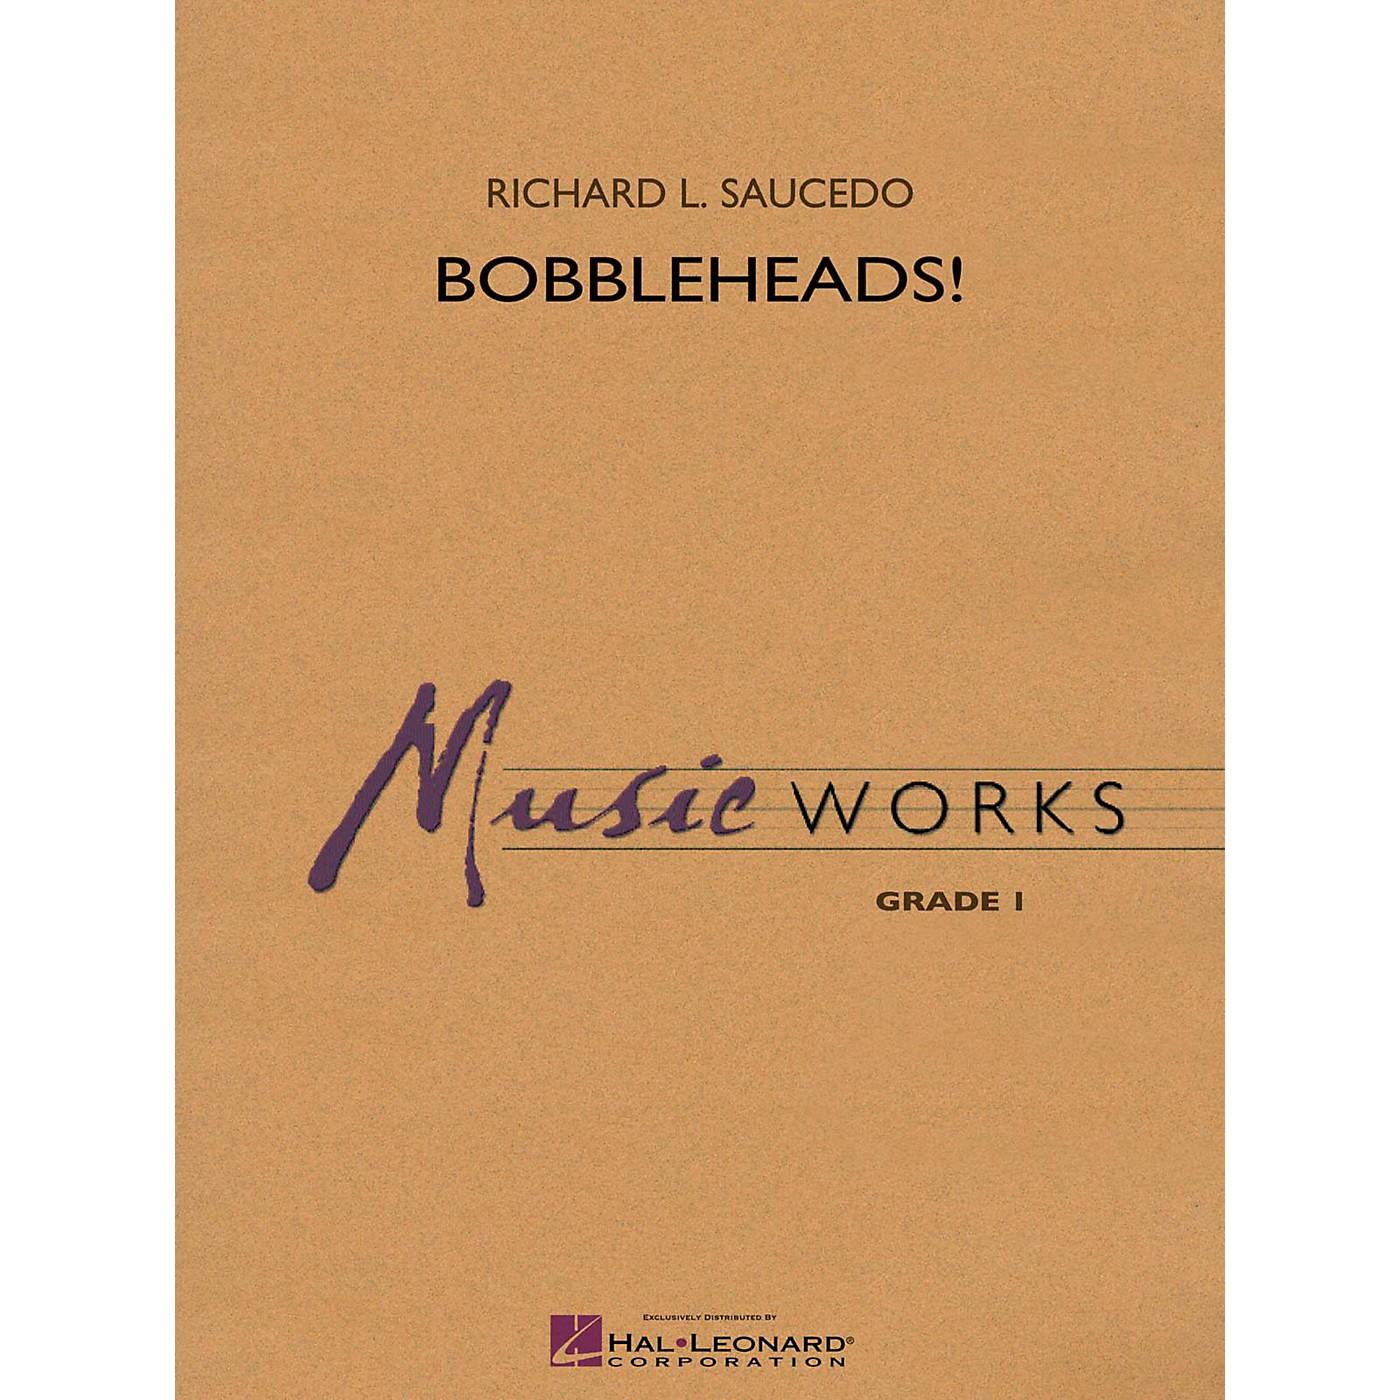 Hal Leonard Bobbleheads! - MusicWorks Grade 1 Concert Band thumbnail